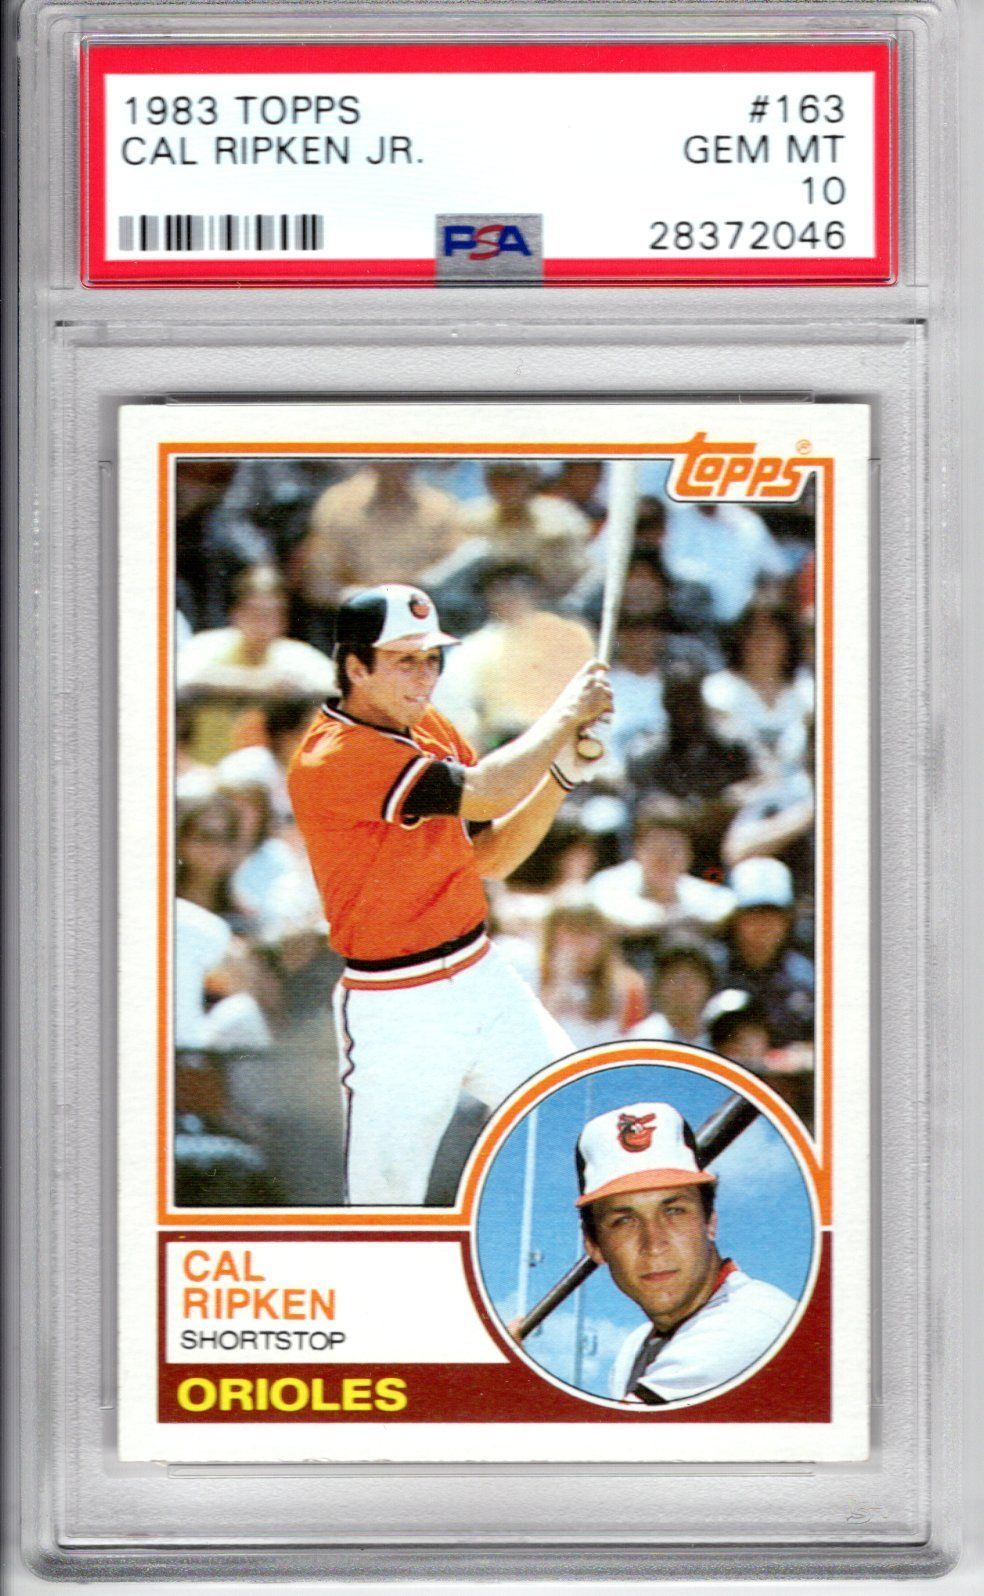 1983 Topps Baseball Cal Ripken Jr Card 163 Psa 10 Gem Mint Just